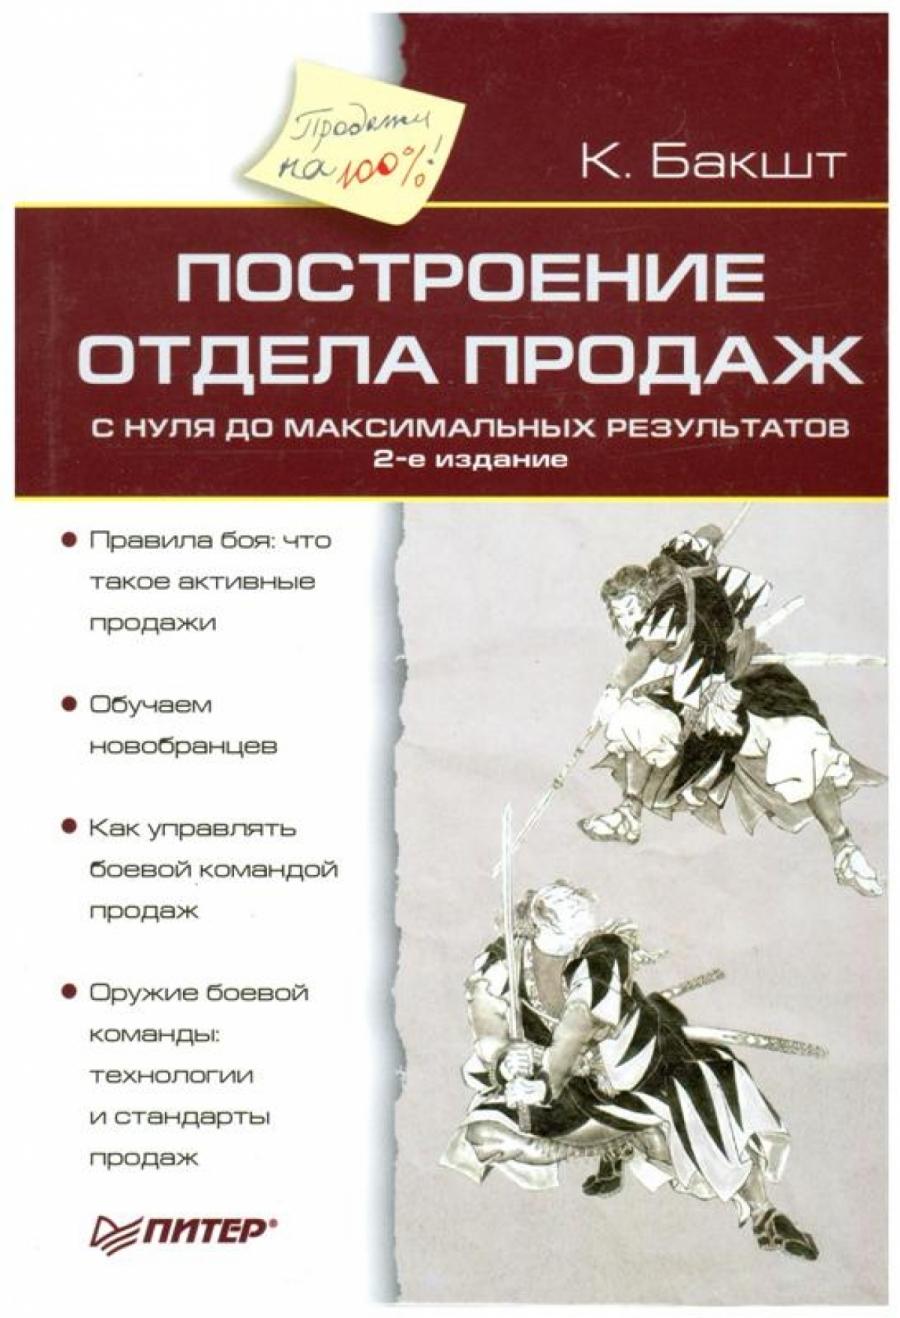 Обложка книги:  бакшт к.а. - построение отдела продаж с нуля до максимальных результатов